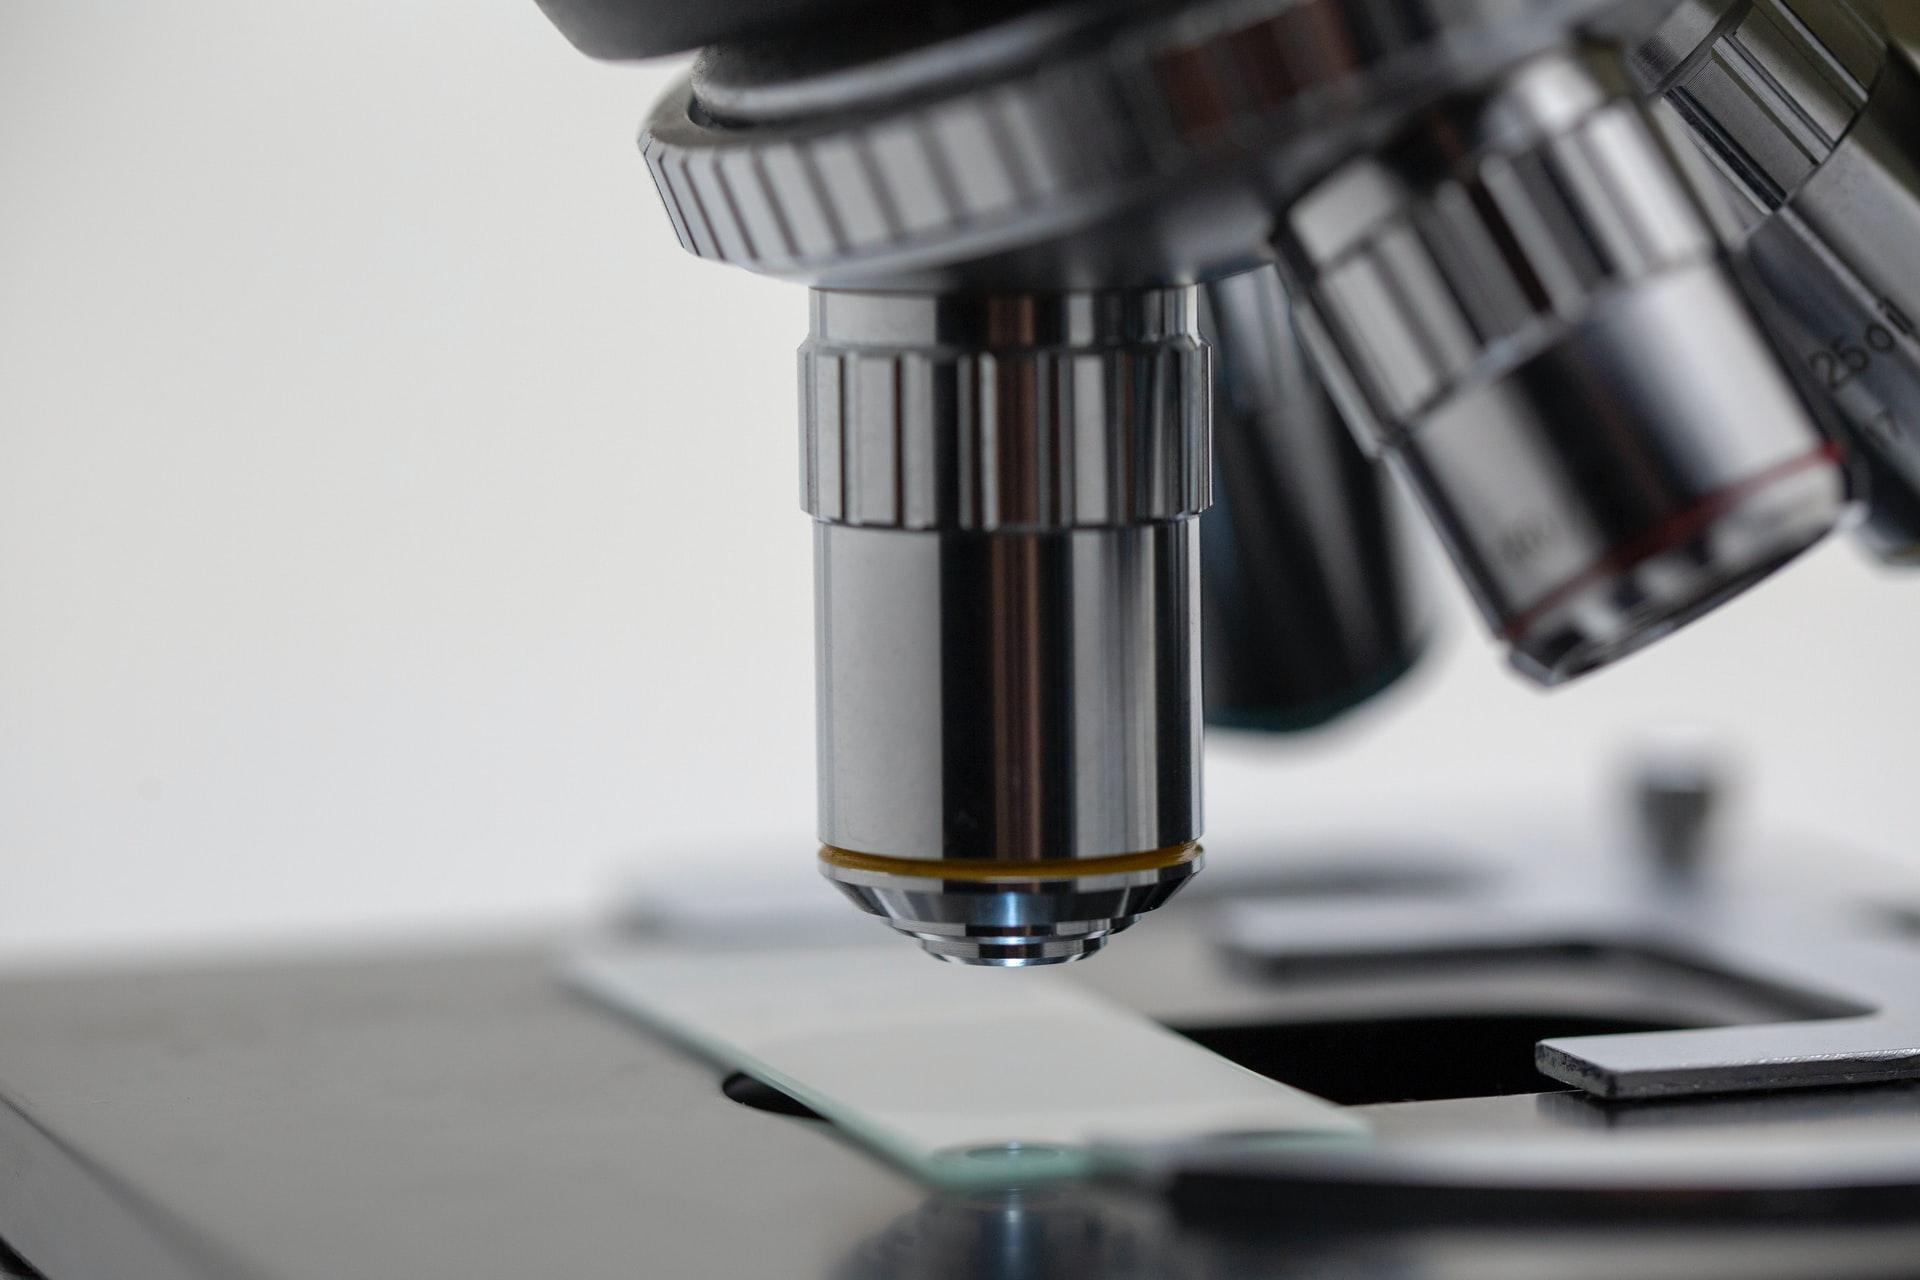 顕微鏡で何かをのぞいている